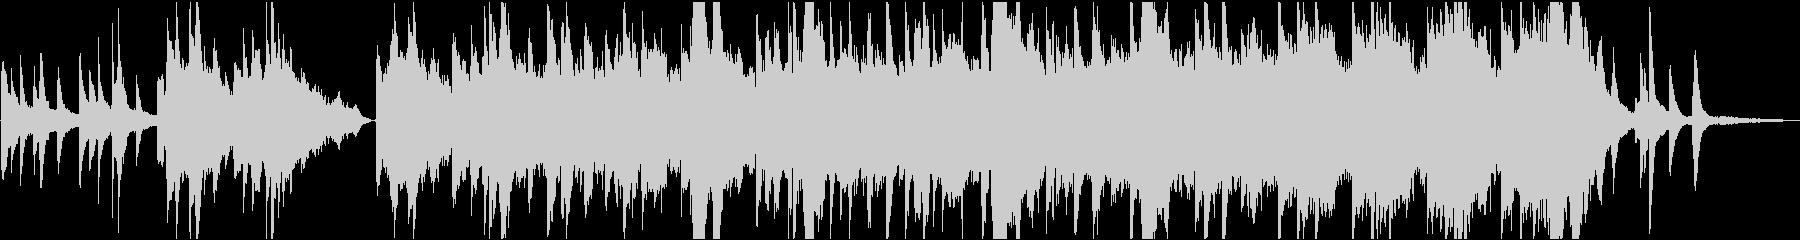 企業VP7 16bit44kHzVerの未再生の波形